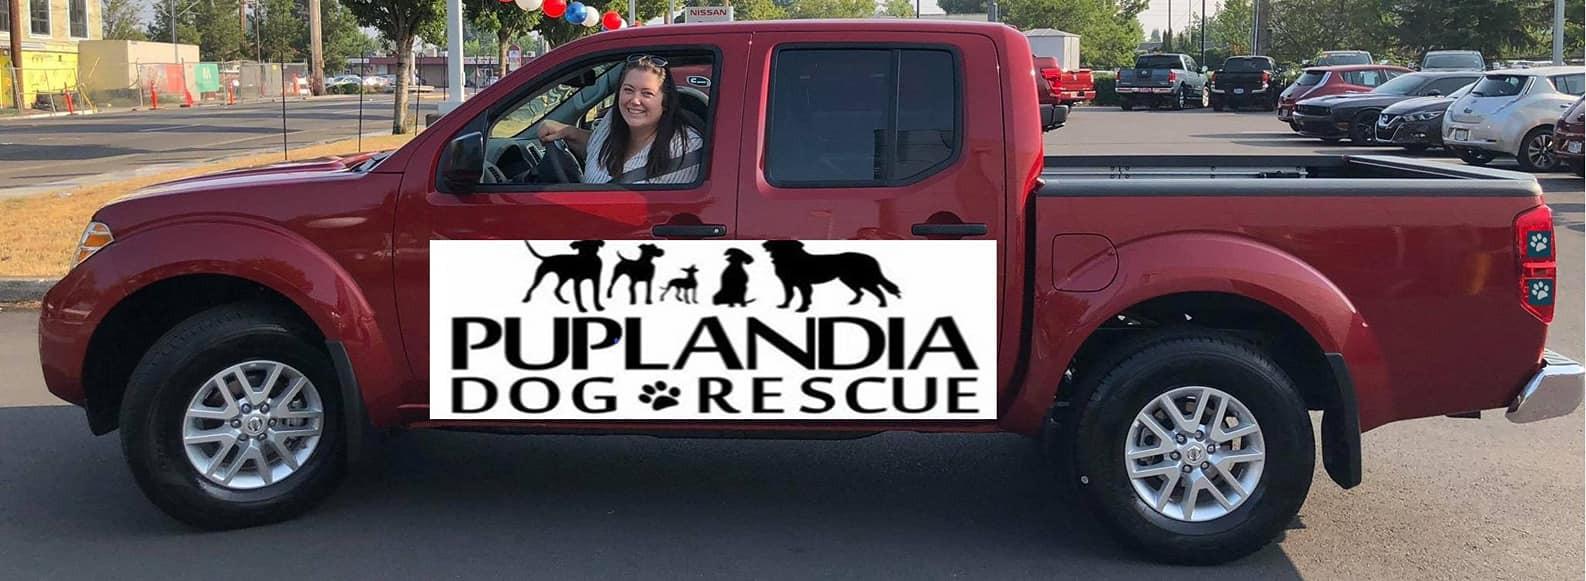 Puplandia Got a New Truck!